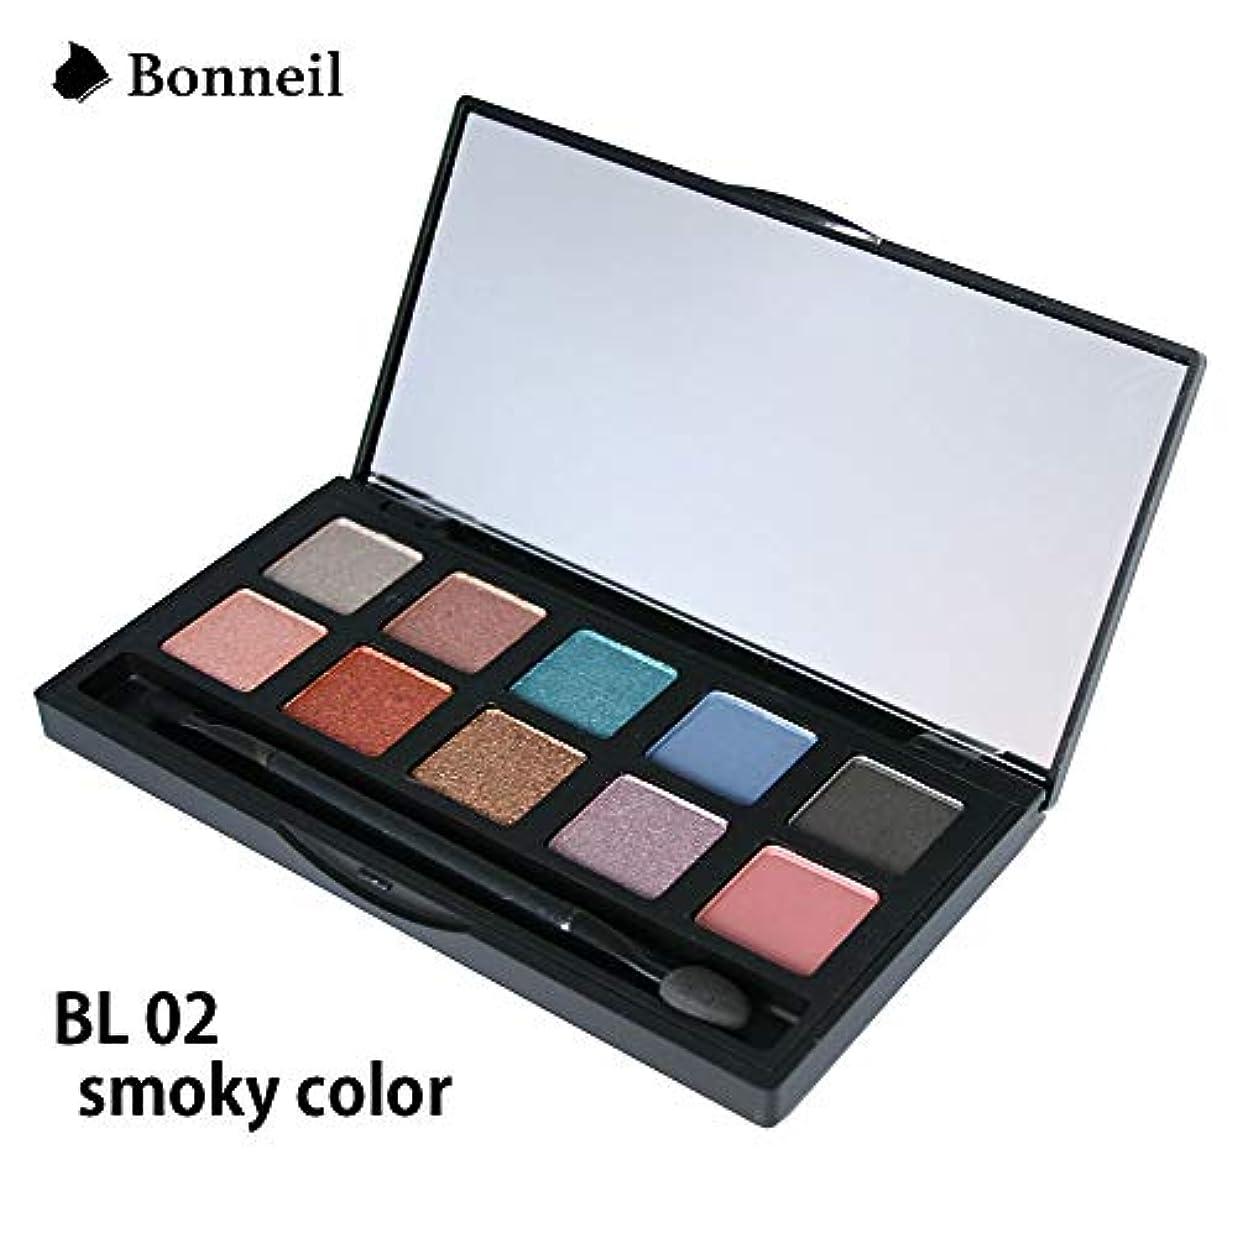 配列起こりやすい合図アイシャドウパレット 10色 チップ&ブラシ付属 Bonneil ボヌール